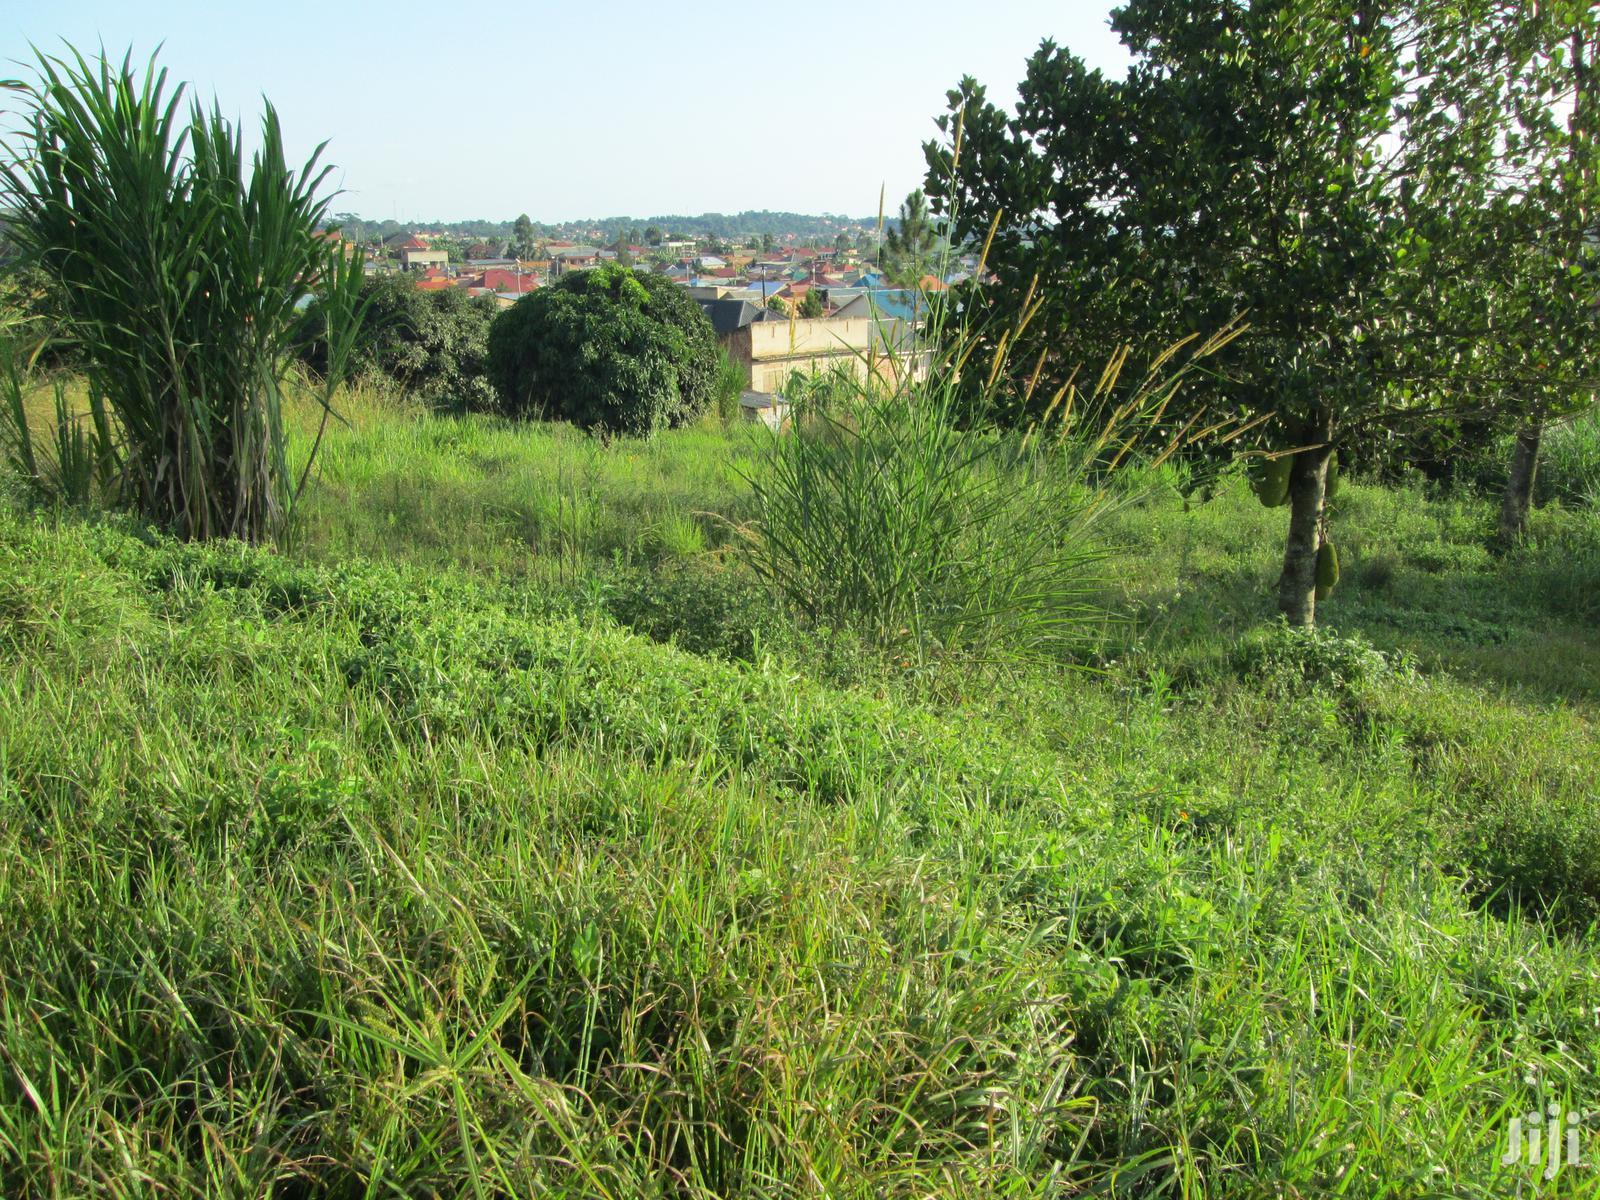 Residential Land In Kirinya Along Bukasa Road For Sale | Land & Plots For Sale for sale in Kampala, Central Region, Uganda